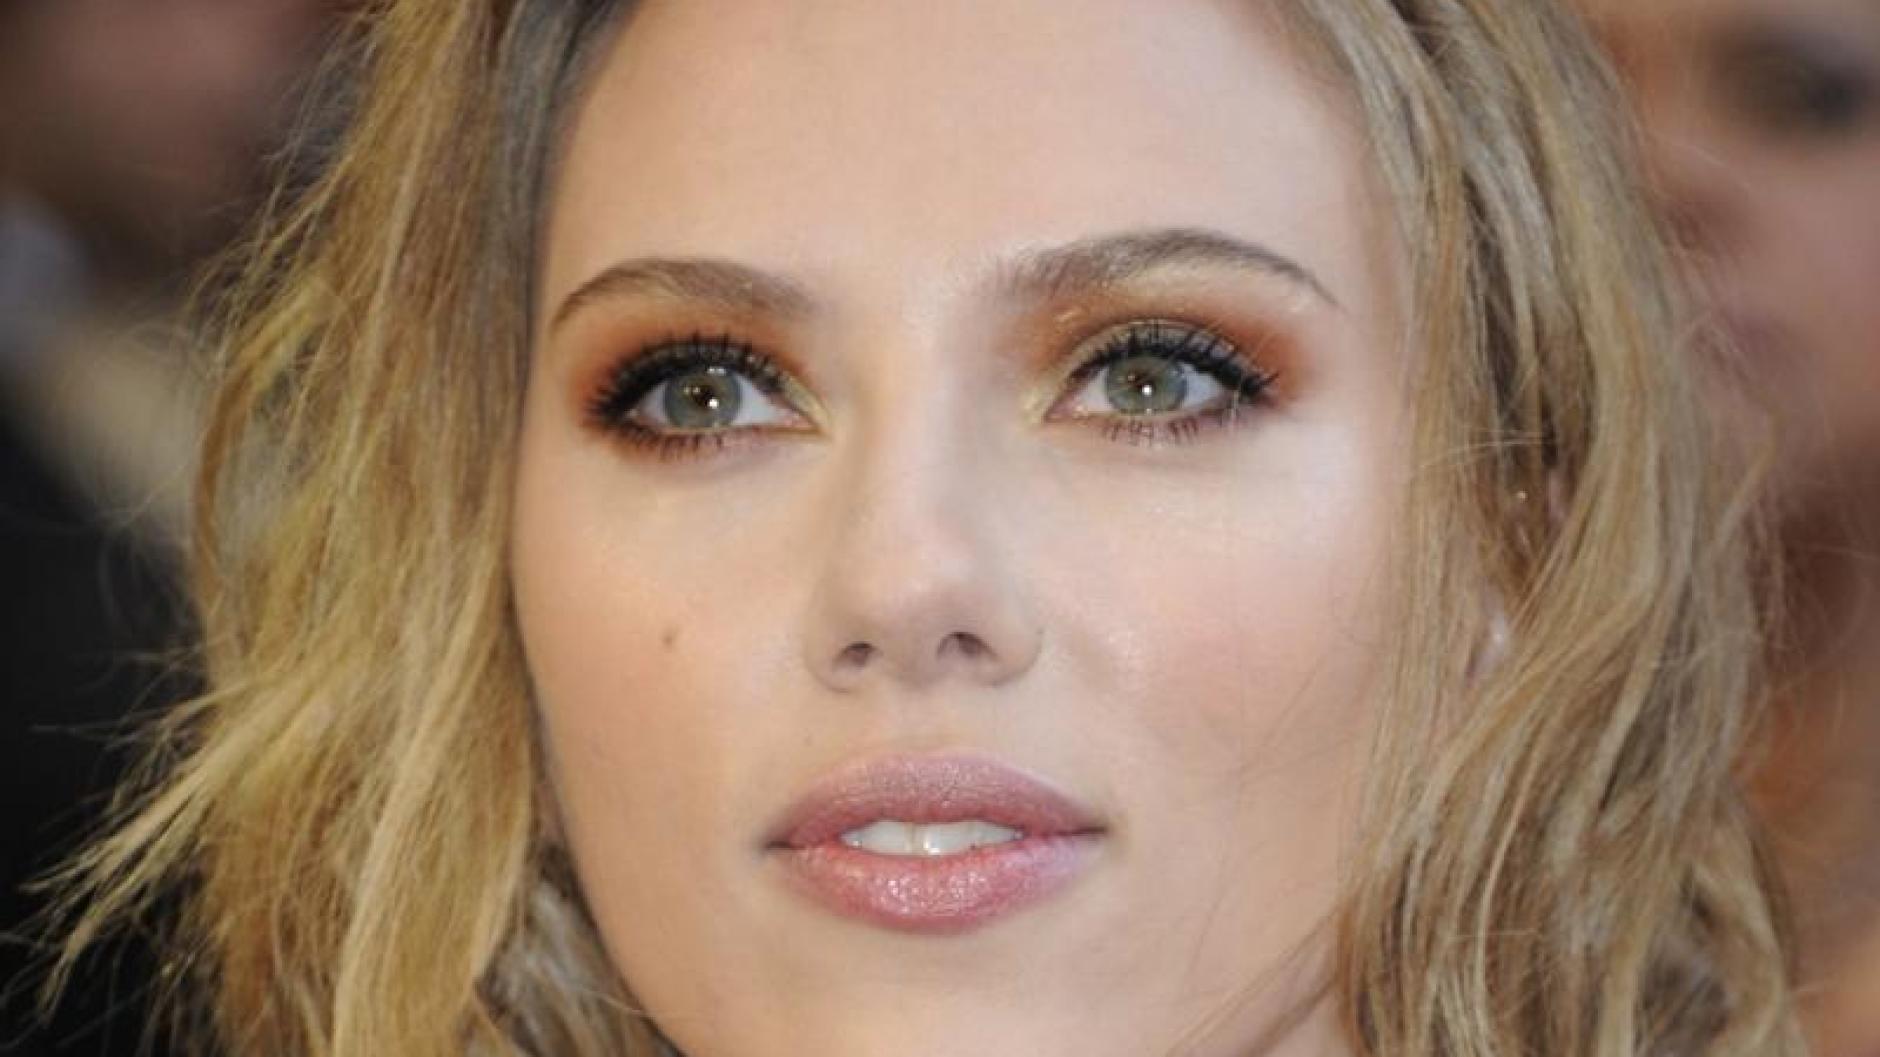 Nacktbilder: Scarlett Johansson nackt im Internet: Hacker